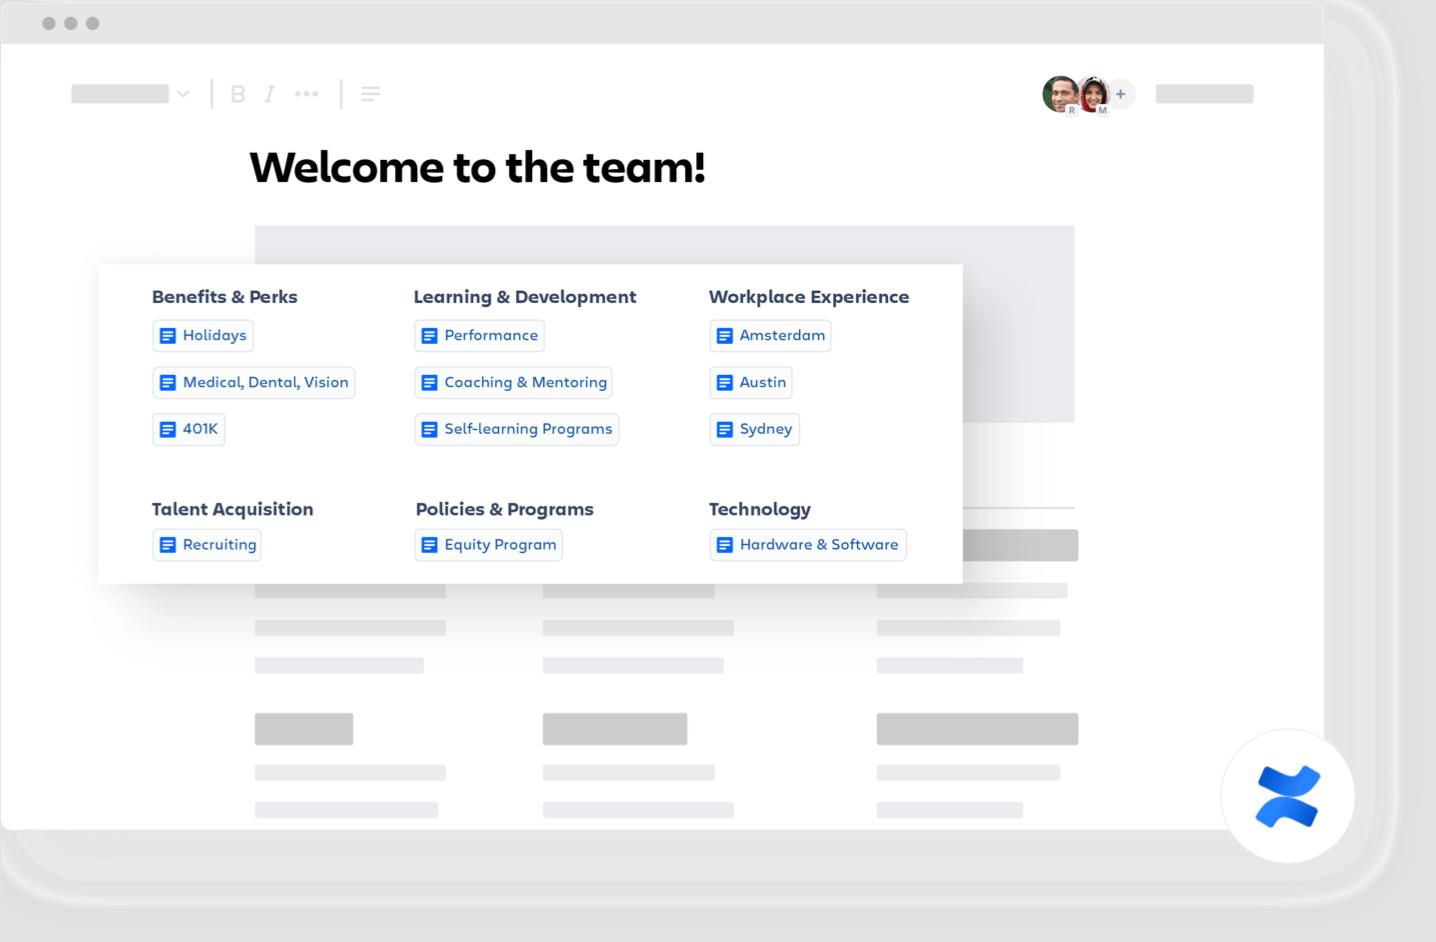 Confluence-pagina Welkom bij het team